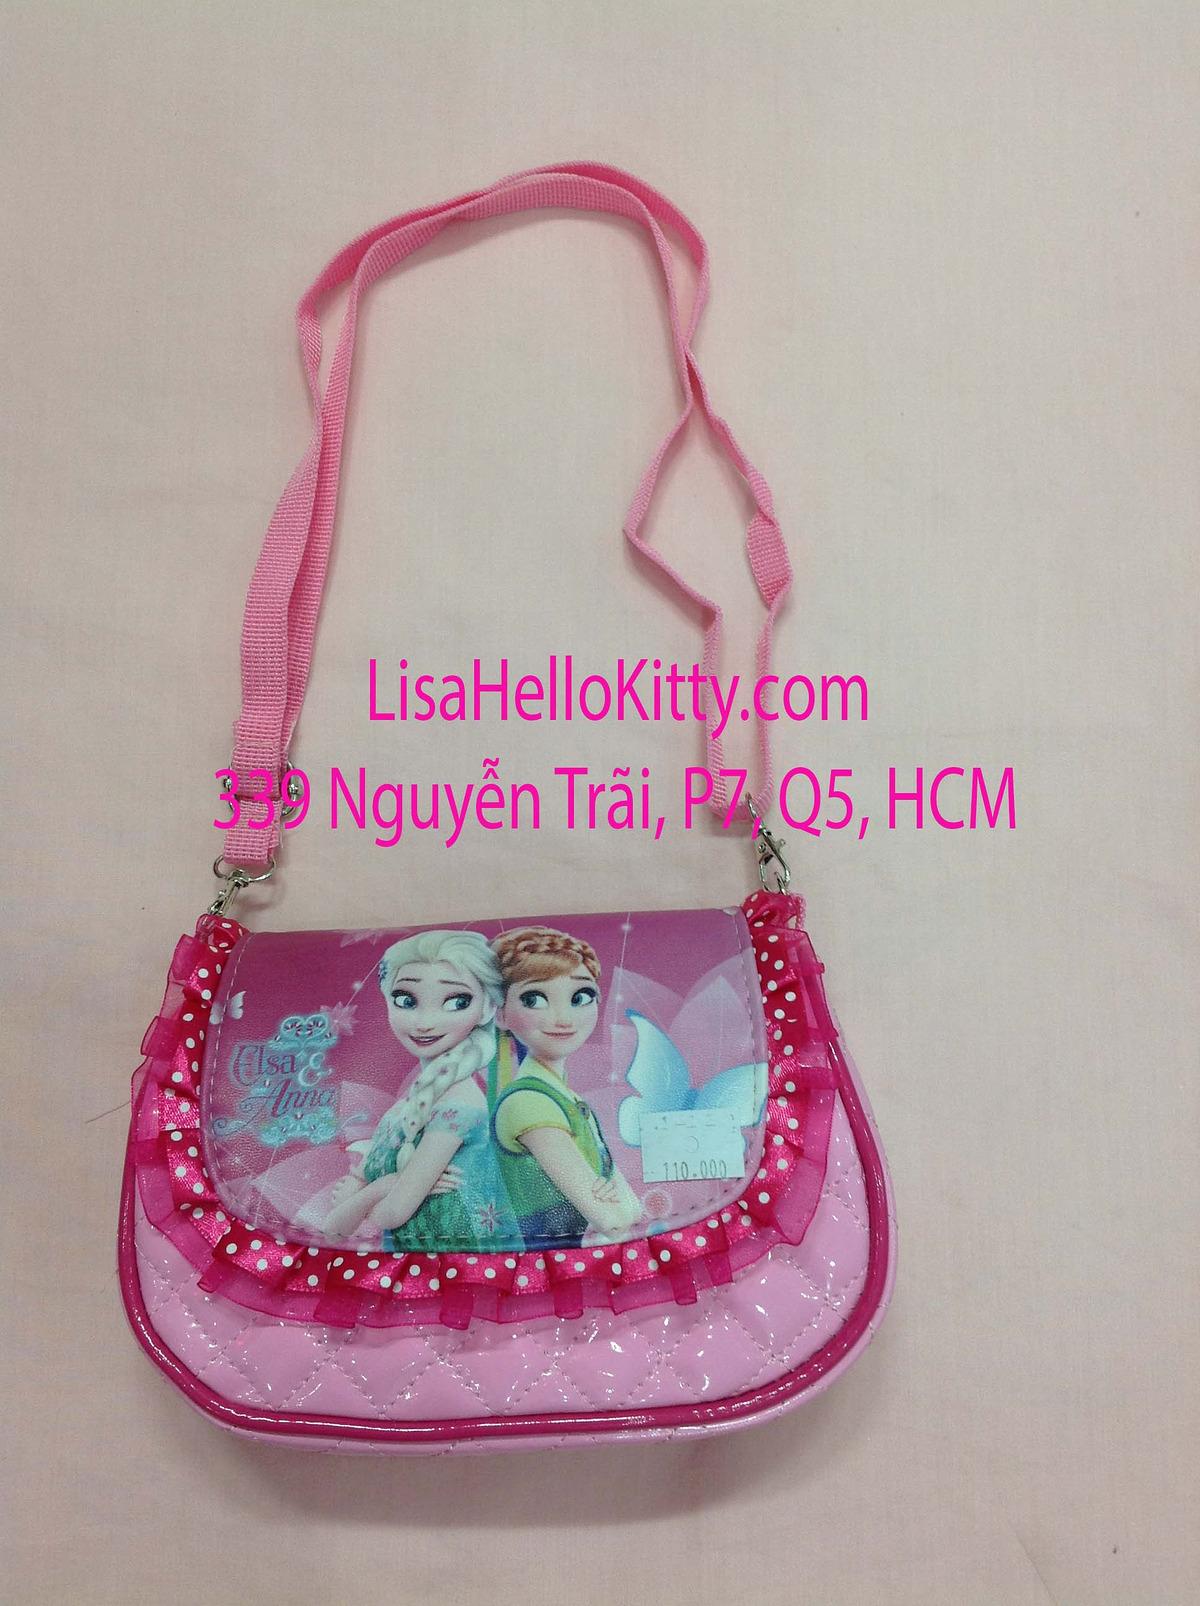 Lisa Shop - Túi xách, túi đeo chéo Hello Kitty công chúa Elsa cho bé - 4